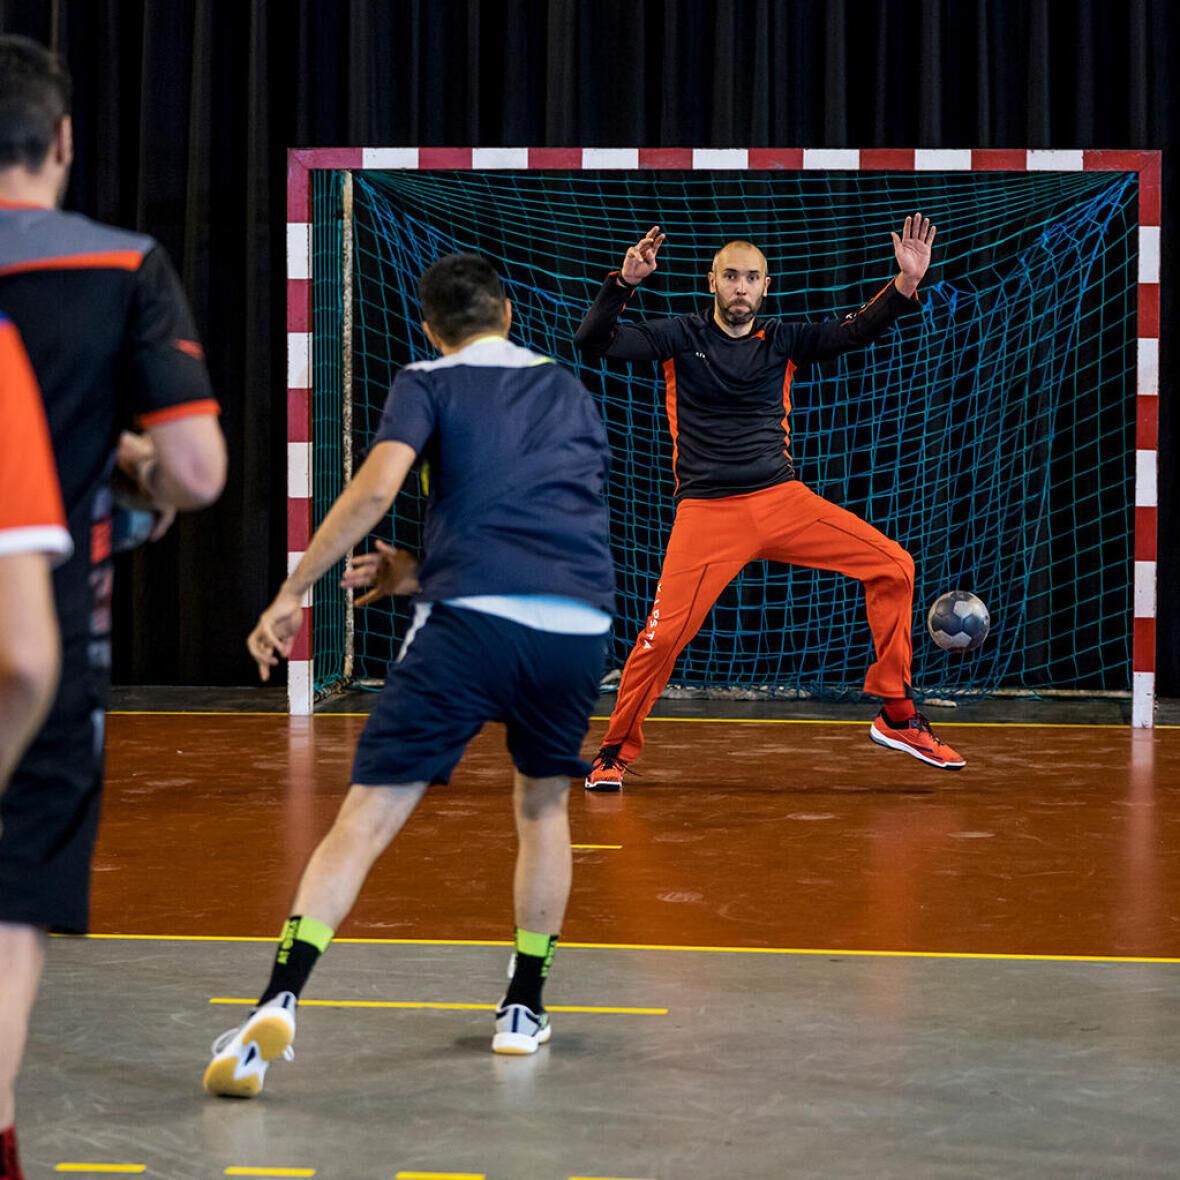 handbalschoenen in actie